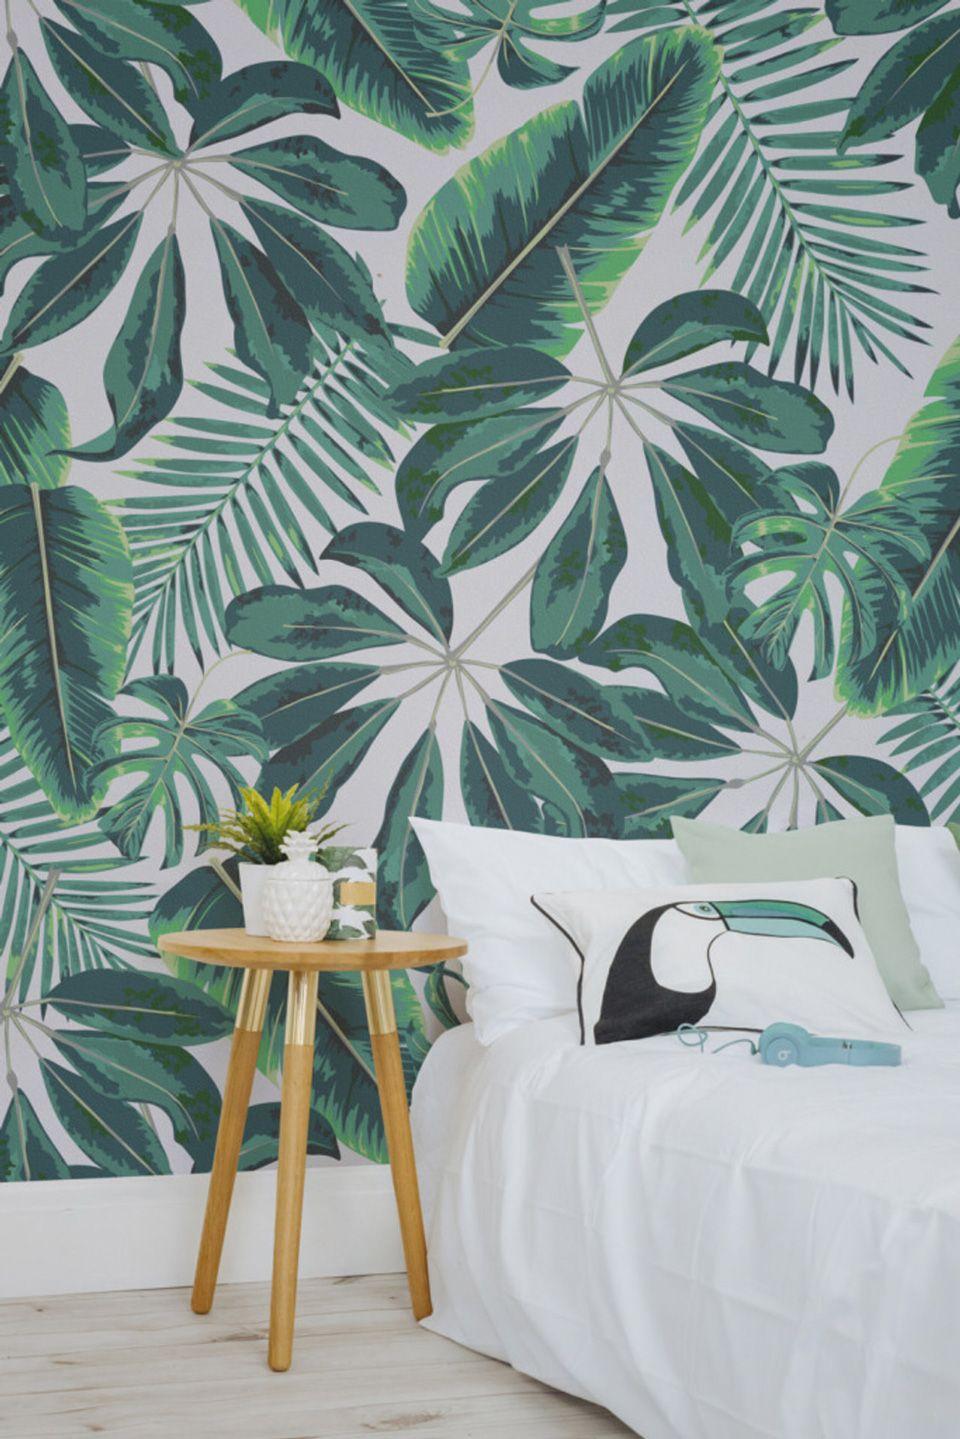 Le Papier Peint Tropical Pour Decorer Votre Interieur Deco Par